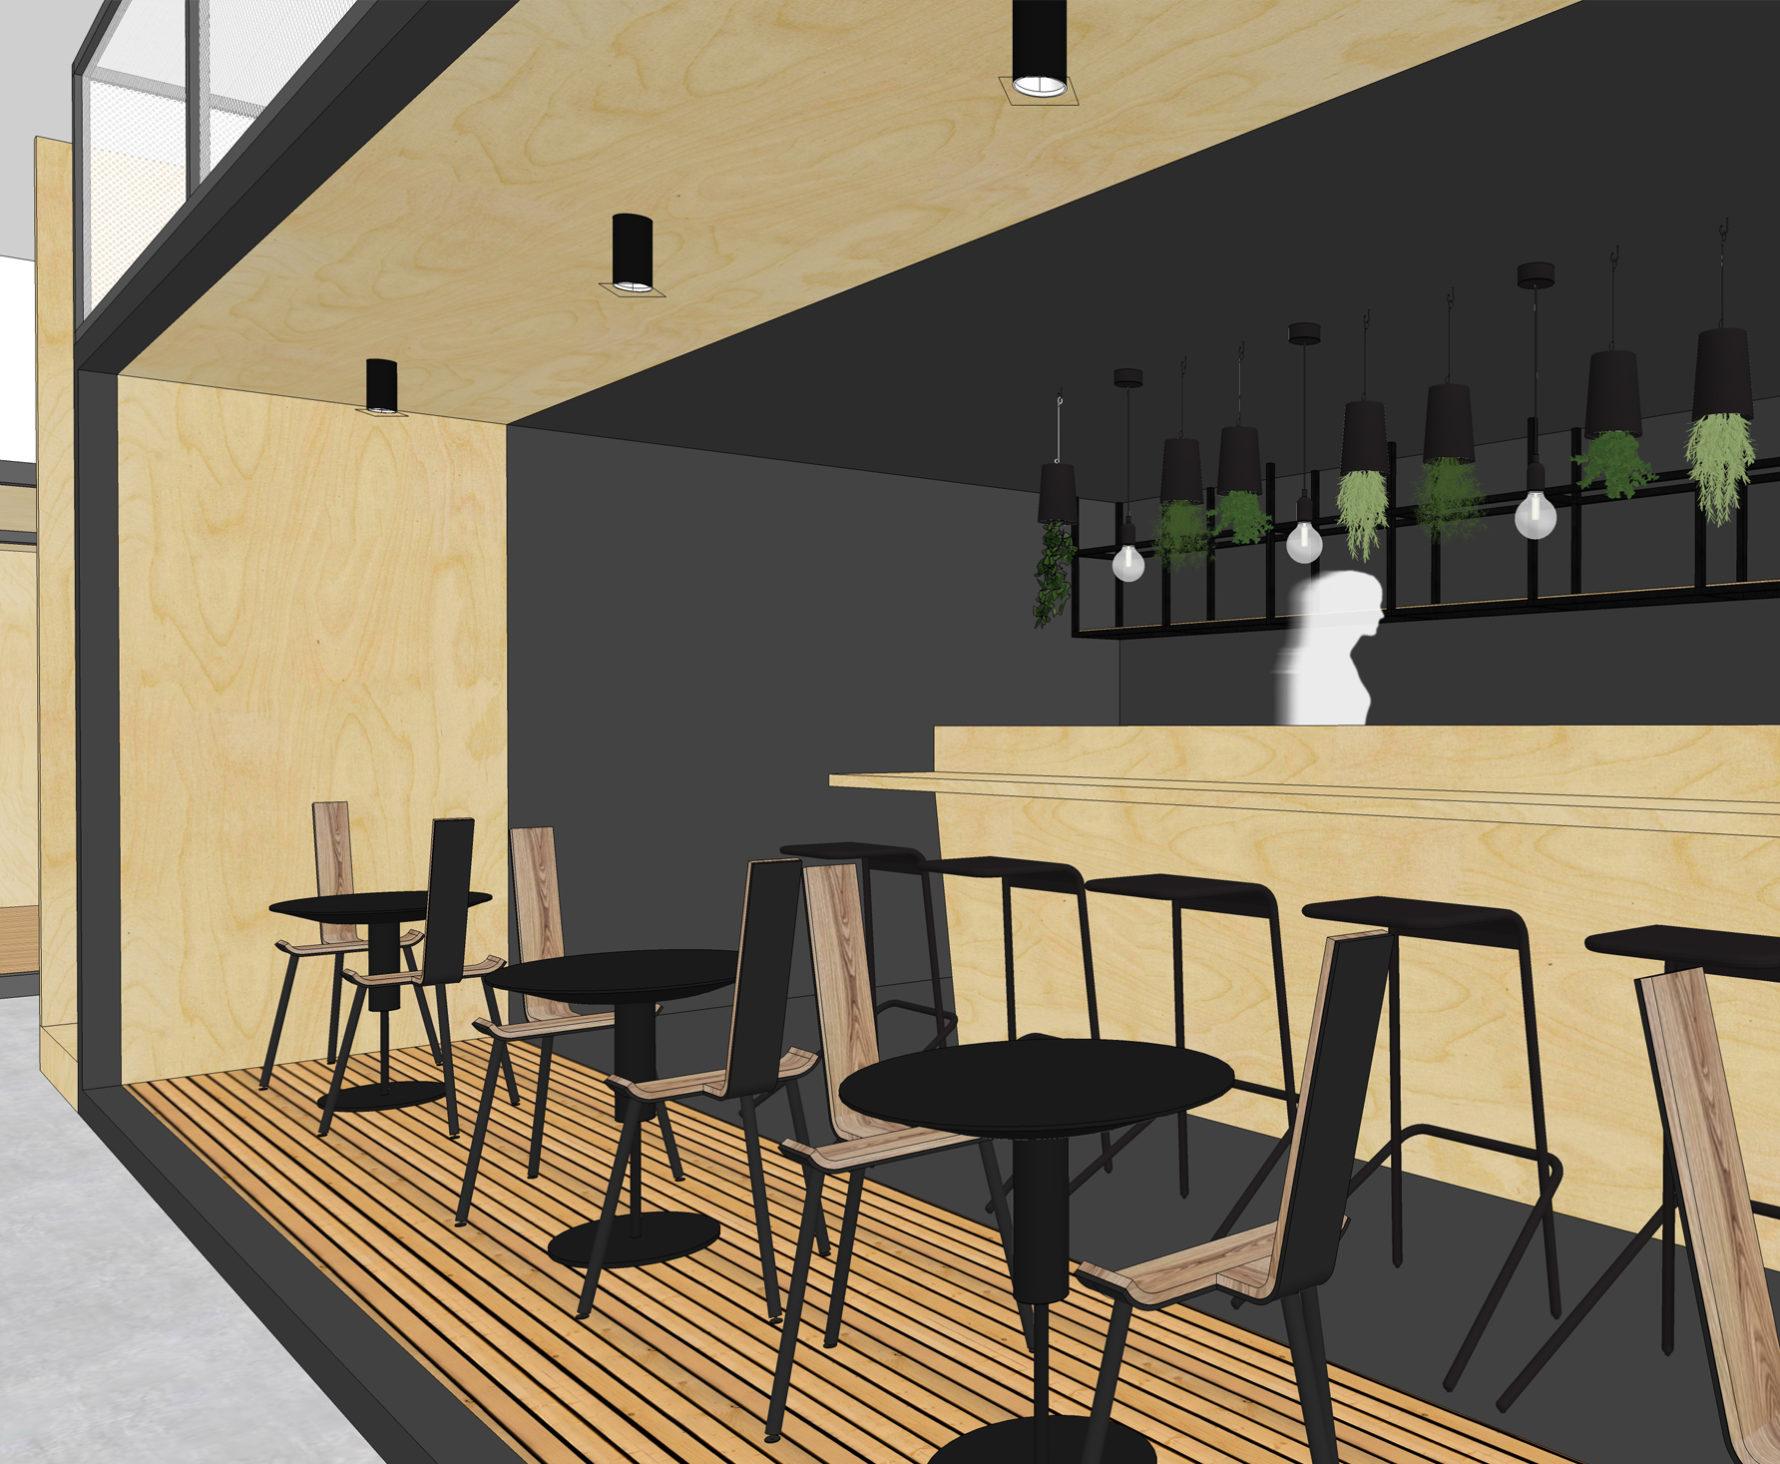 Création d'une Little room pour l'espace bar et restaurant de l'entreprise Véalis Immobilier